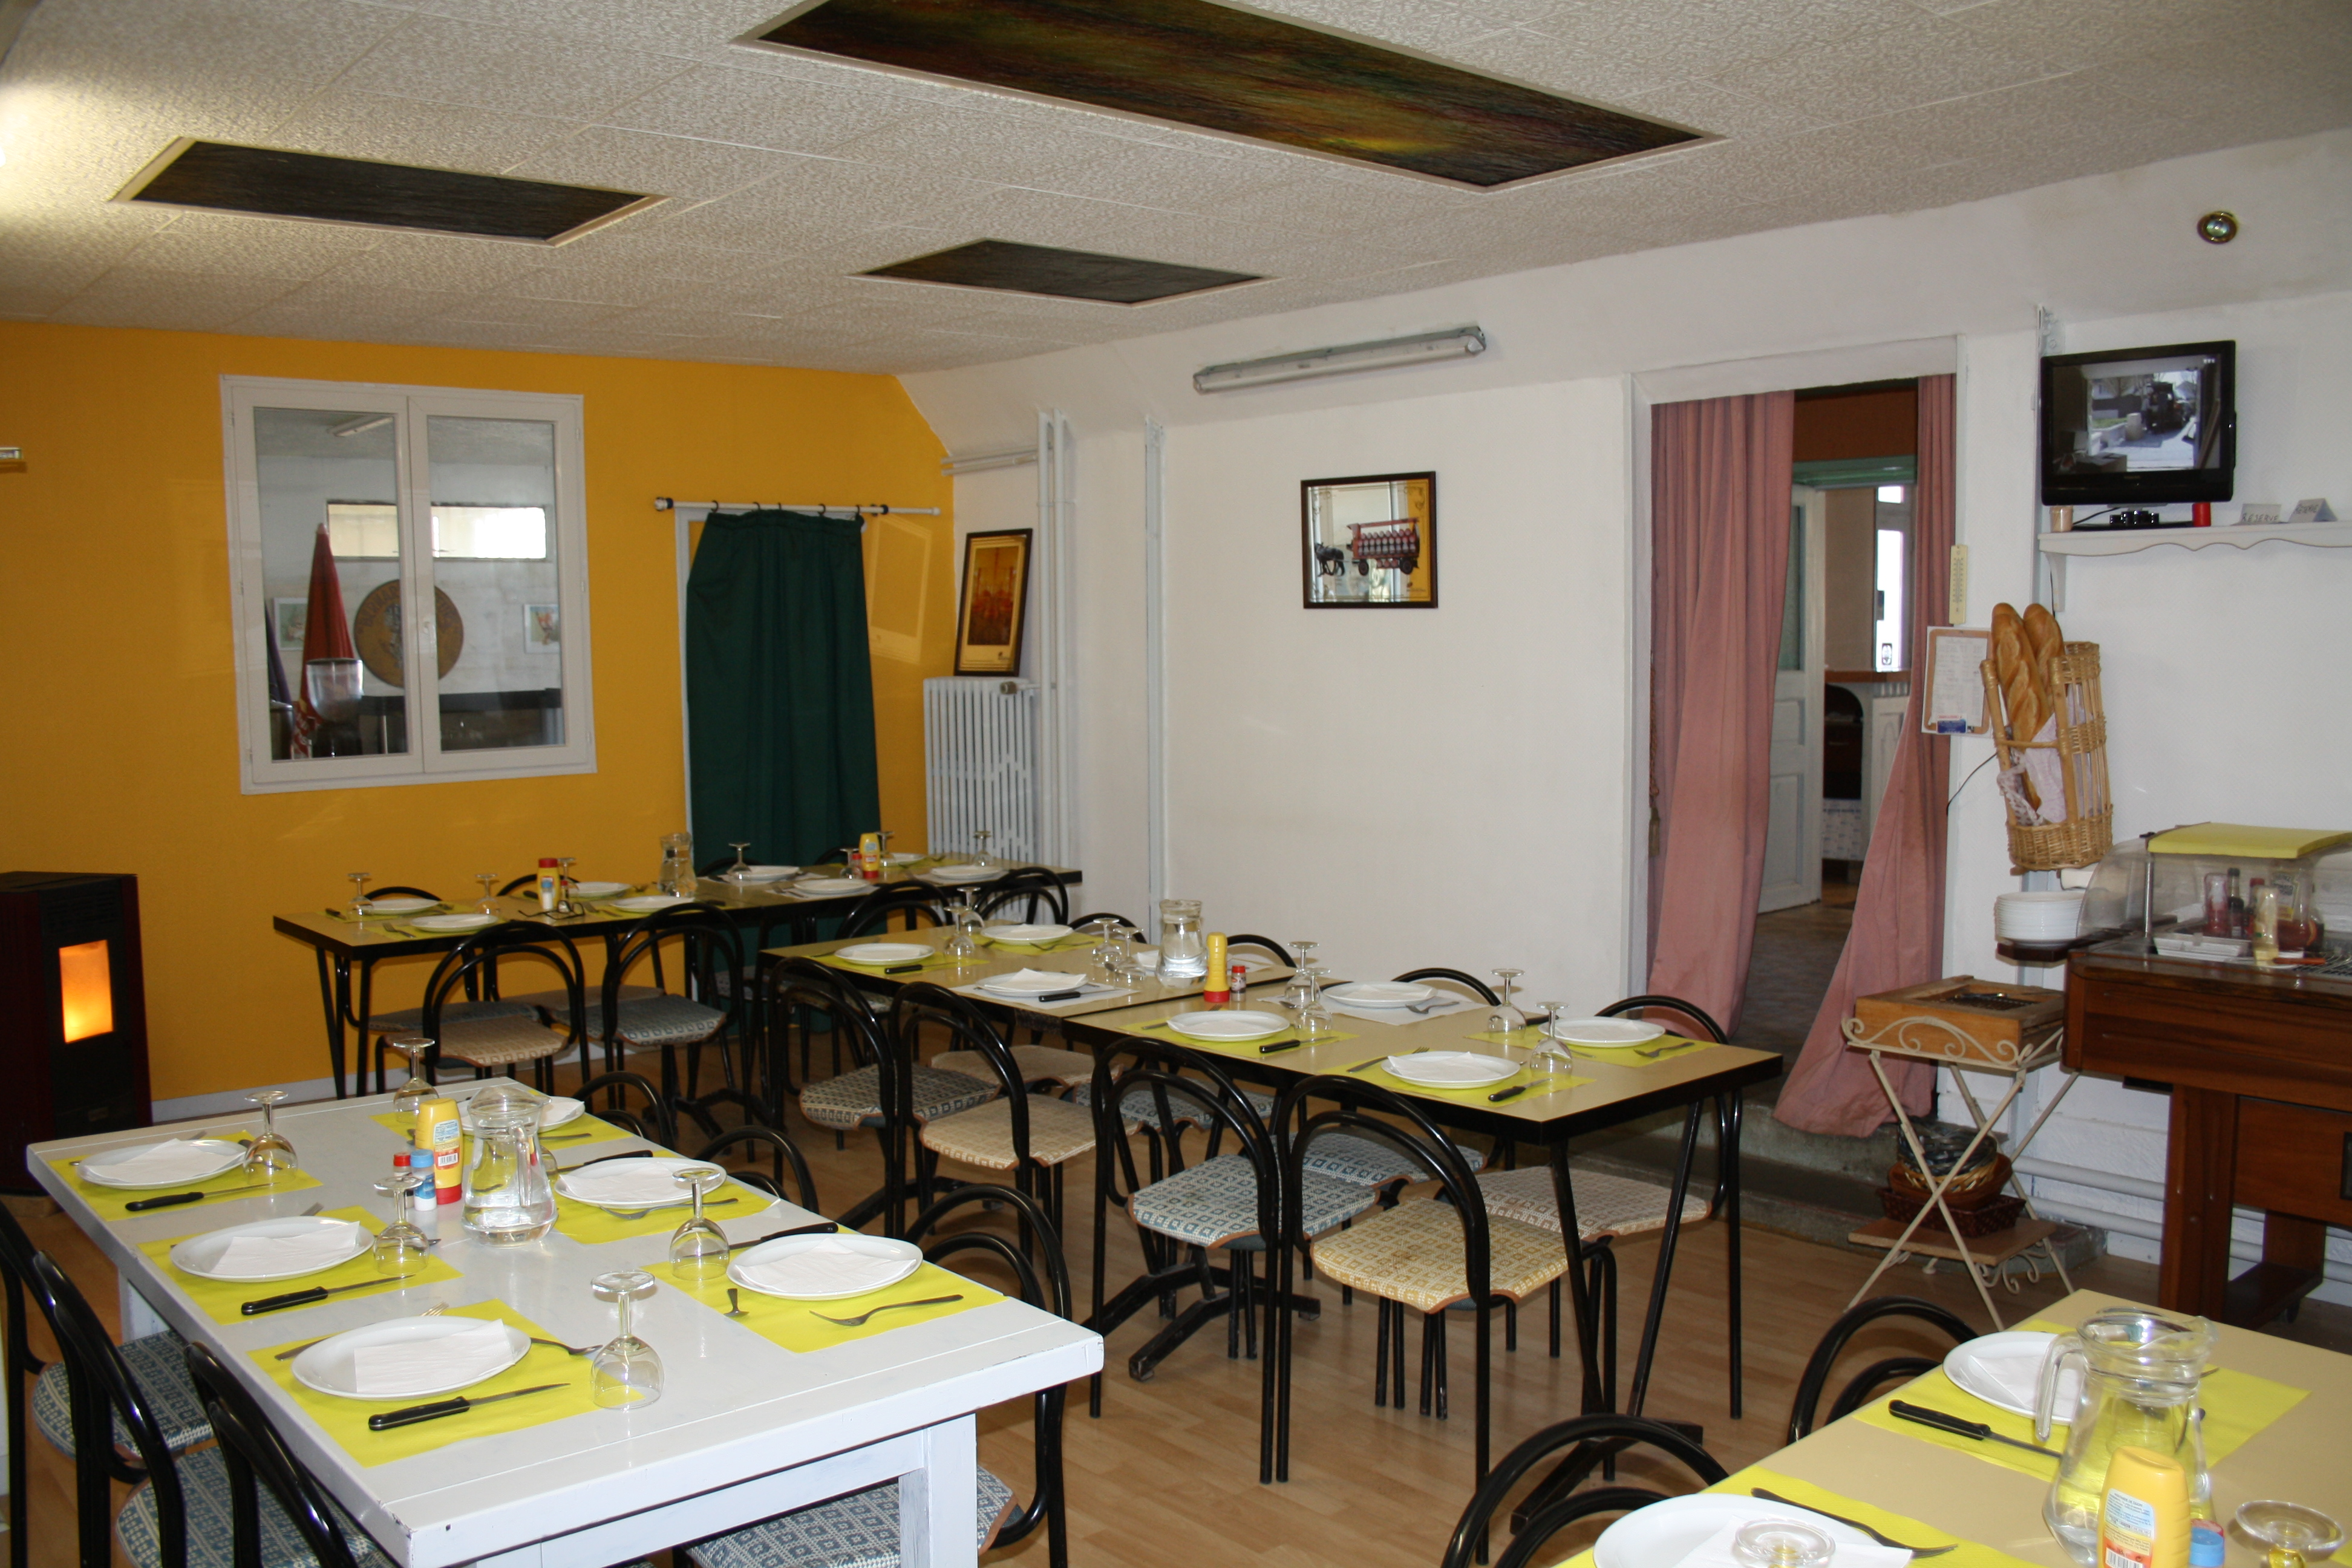 Vente Hôtel restaurant, bar et traiteur de 3 chambres près de Nogent-le-Rotrou (28400)